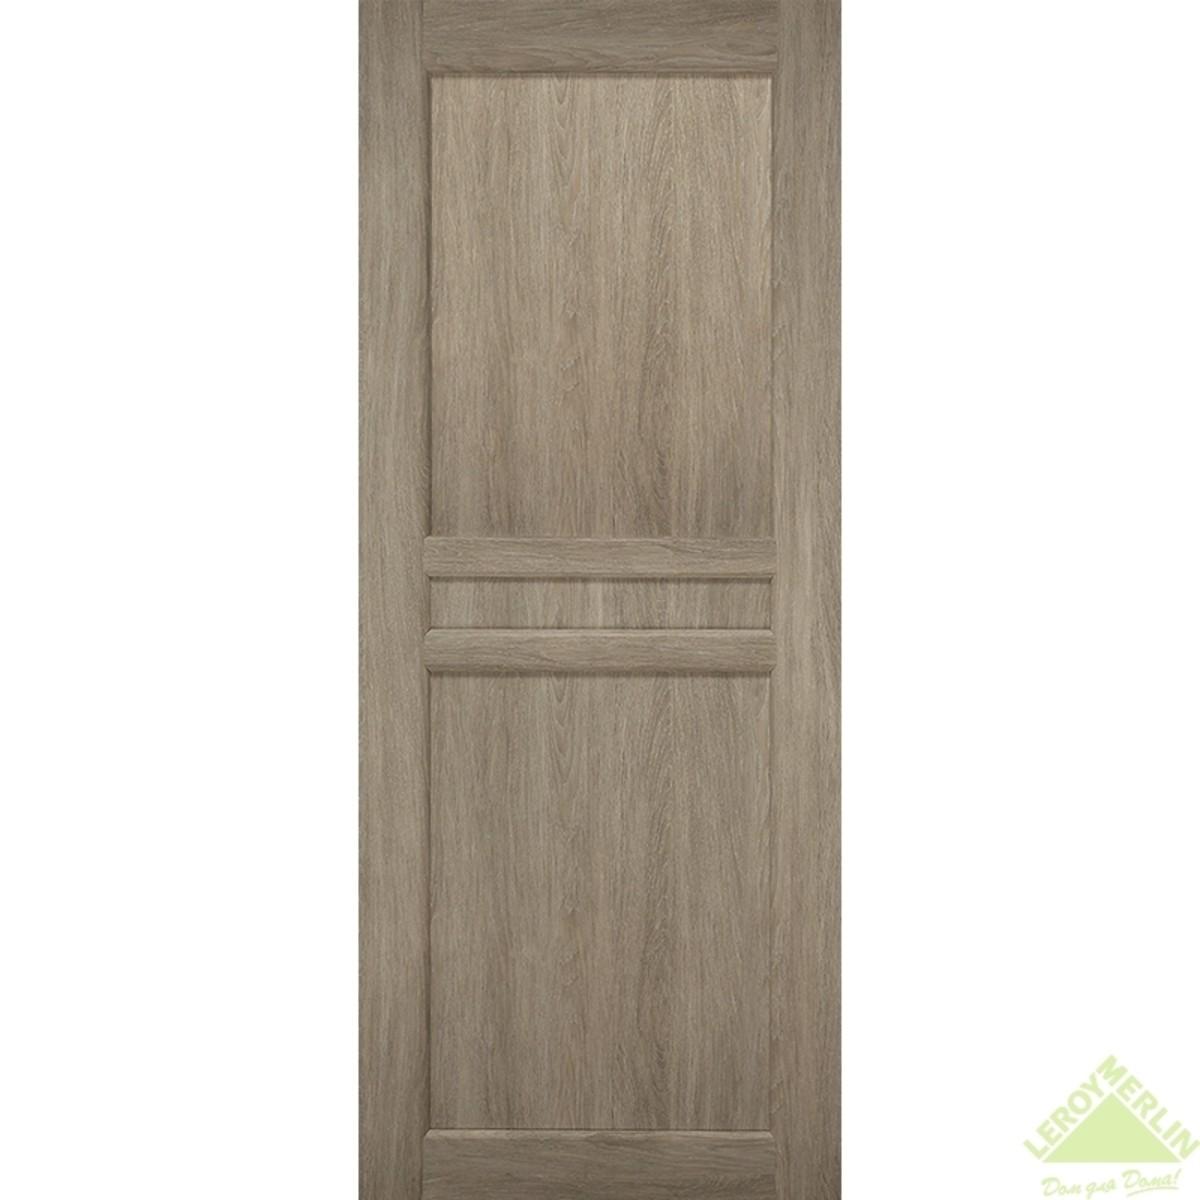 Дверное полотно глухое Элегия CPL 900x2000 мм ясень седой